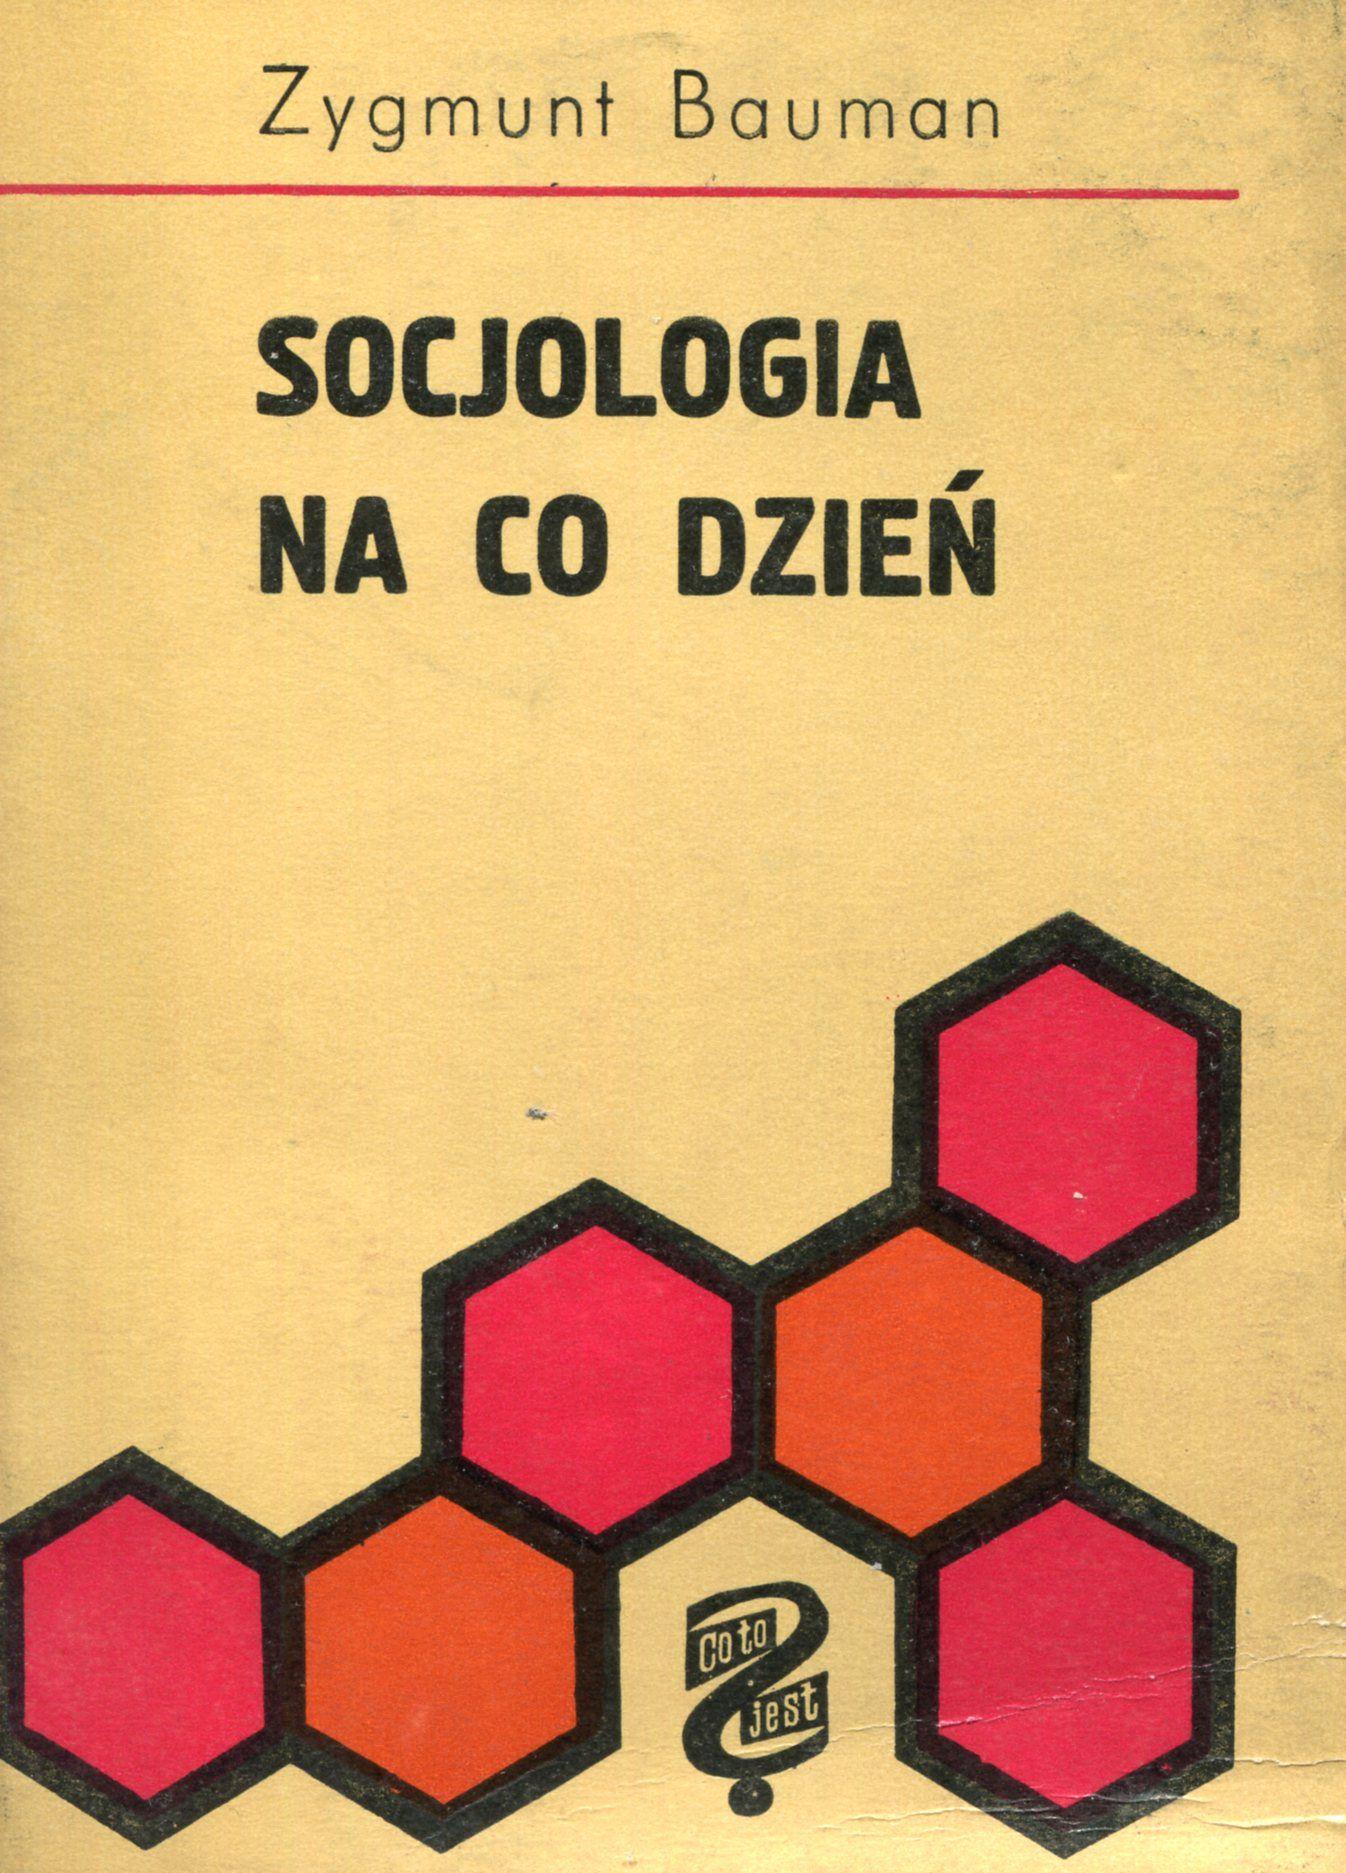 Znalezione obrazy dla zapytania Zygmunt Bauman Socjologia na co dzień